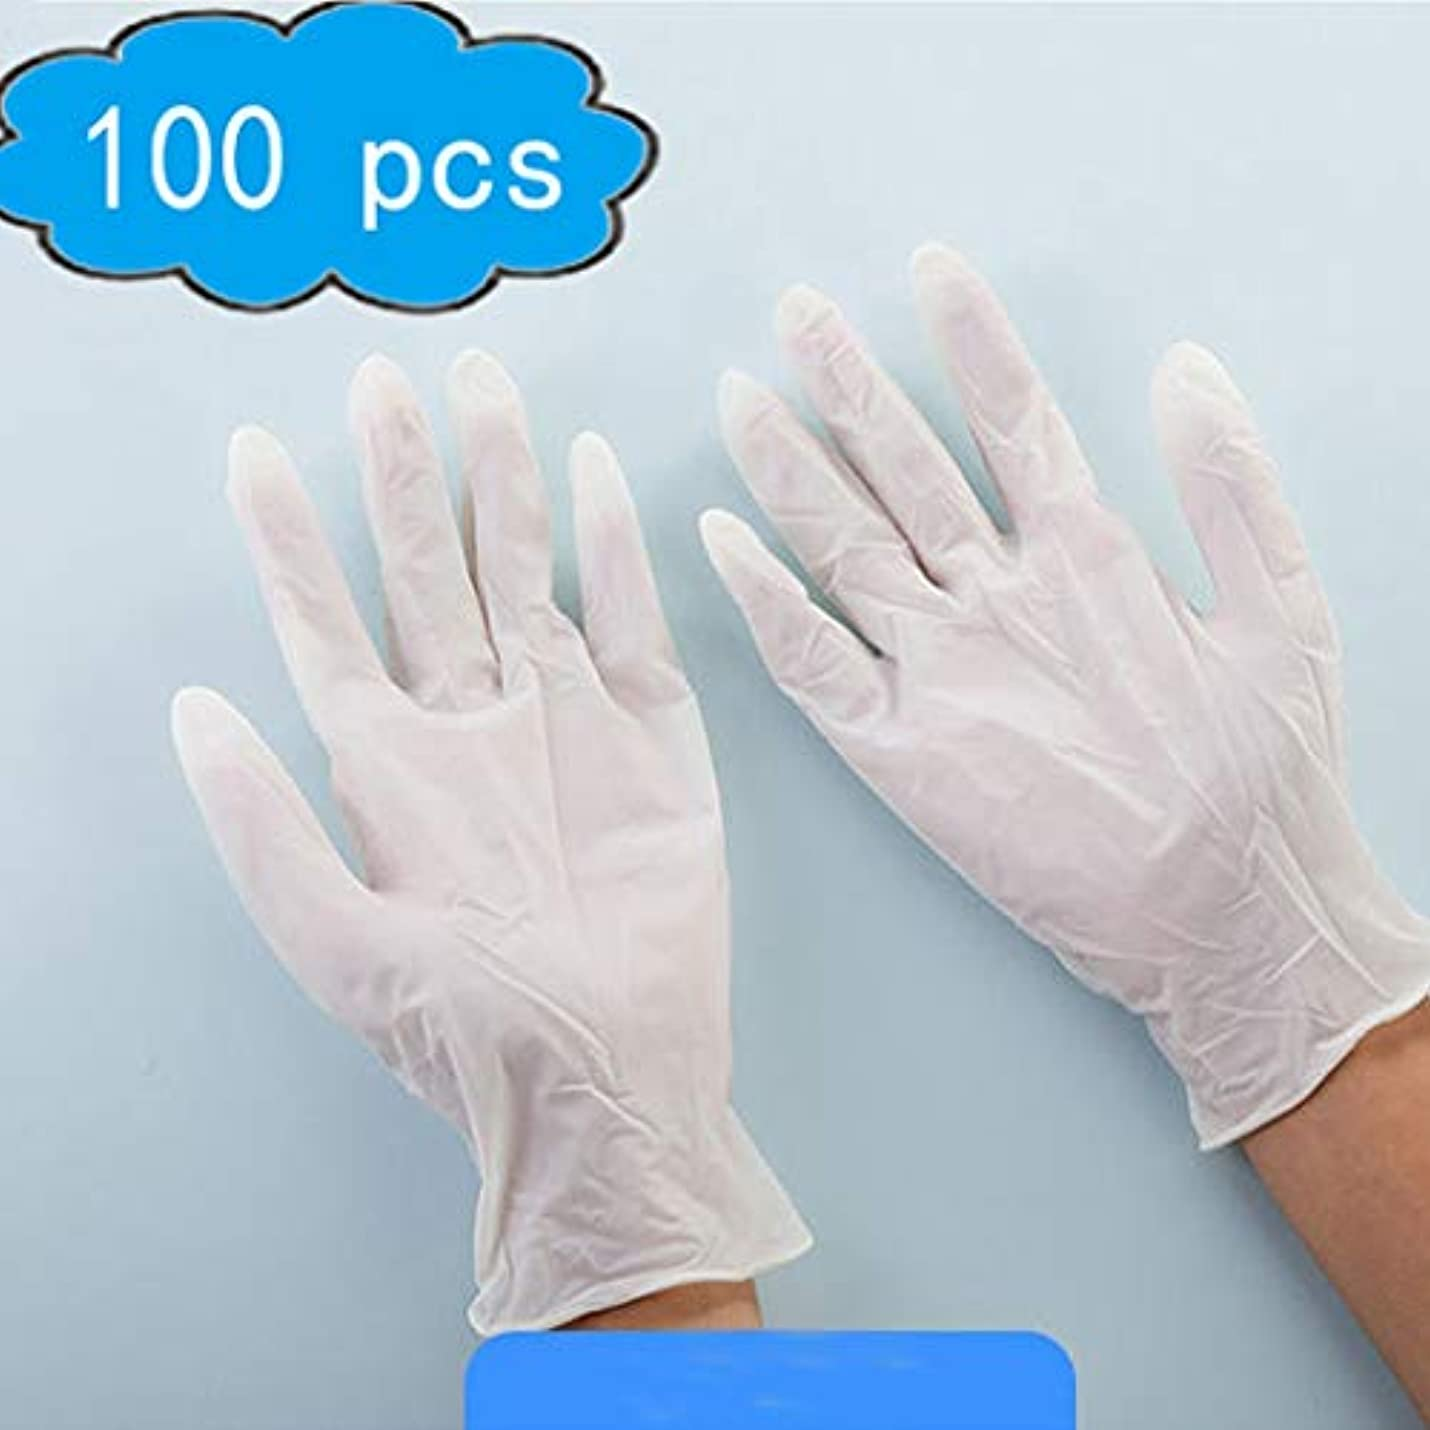 引き出しあまりにも楽観的使い捨て手袋、厚手版、白い粉のない使い捨てニトリル手袋[100パック] - 大、サニタリー手袋、応急処置用品 (Color : White, Size : S)